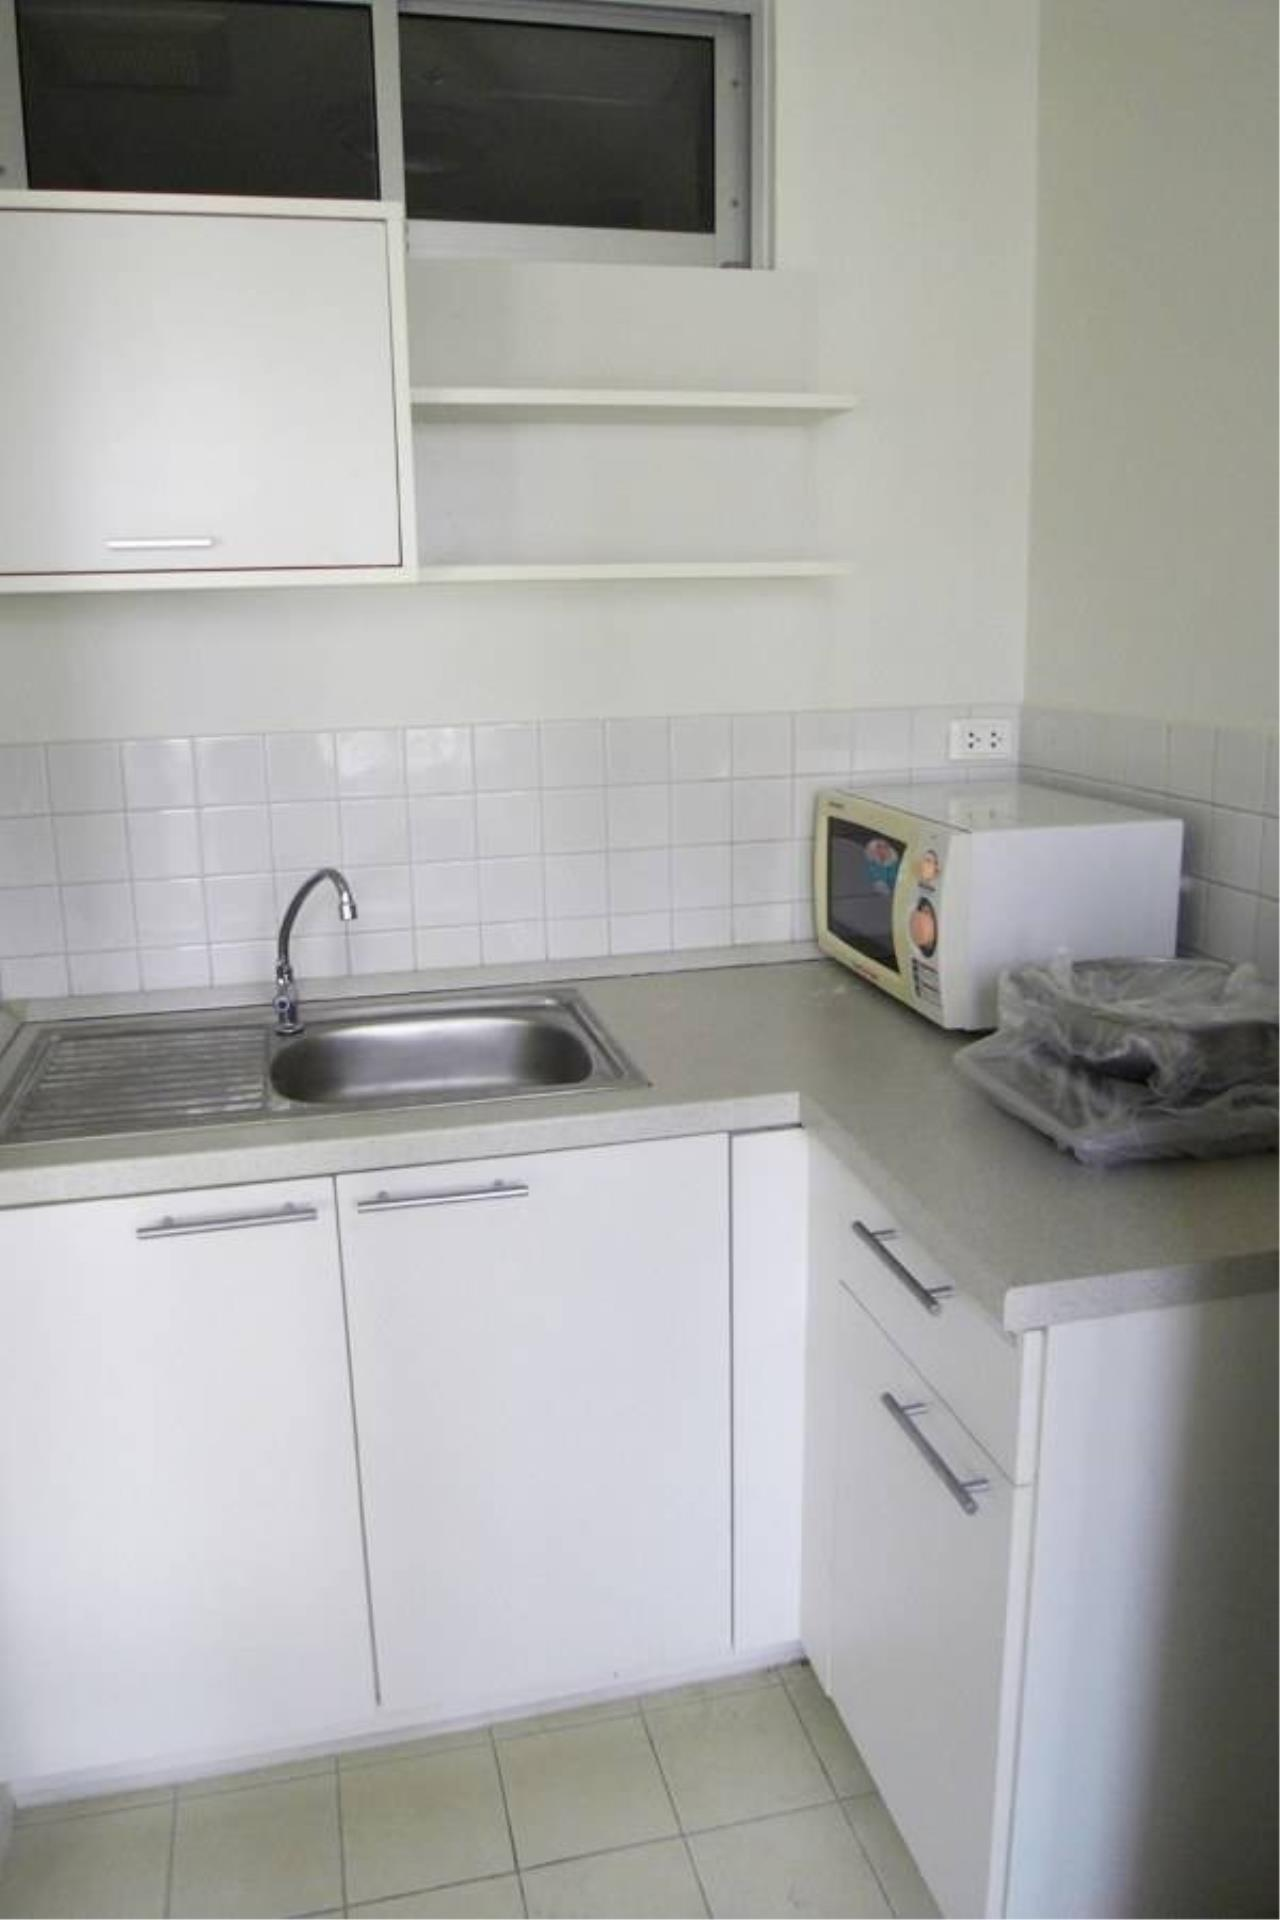 Arken Estate Agency Property Agency near BTS & MRT Agency's For Sale..Condo One X 1 bed 1 bath 4